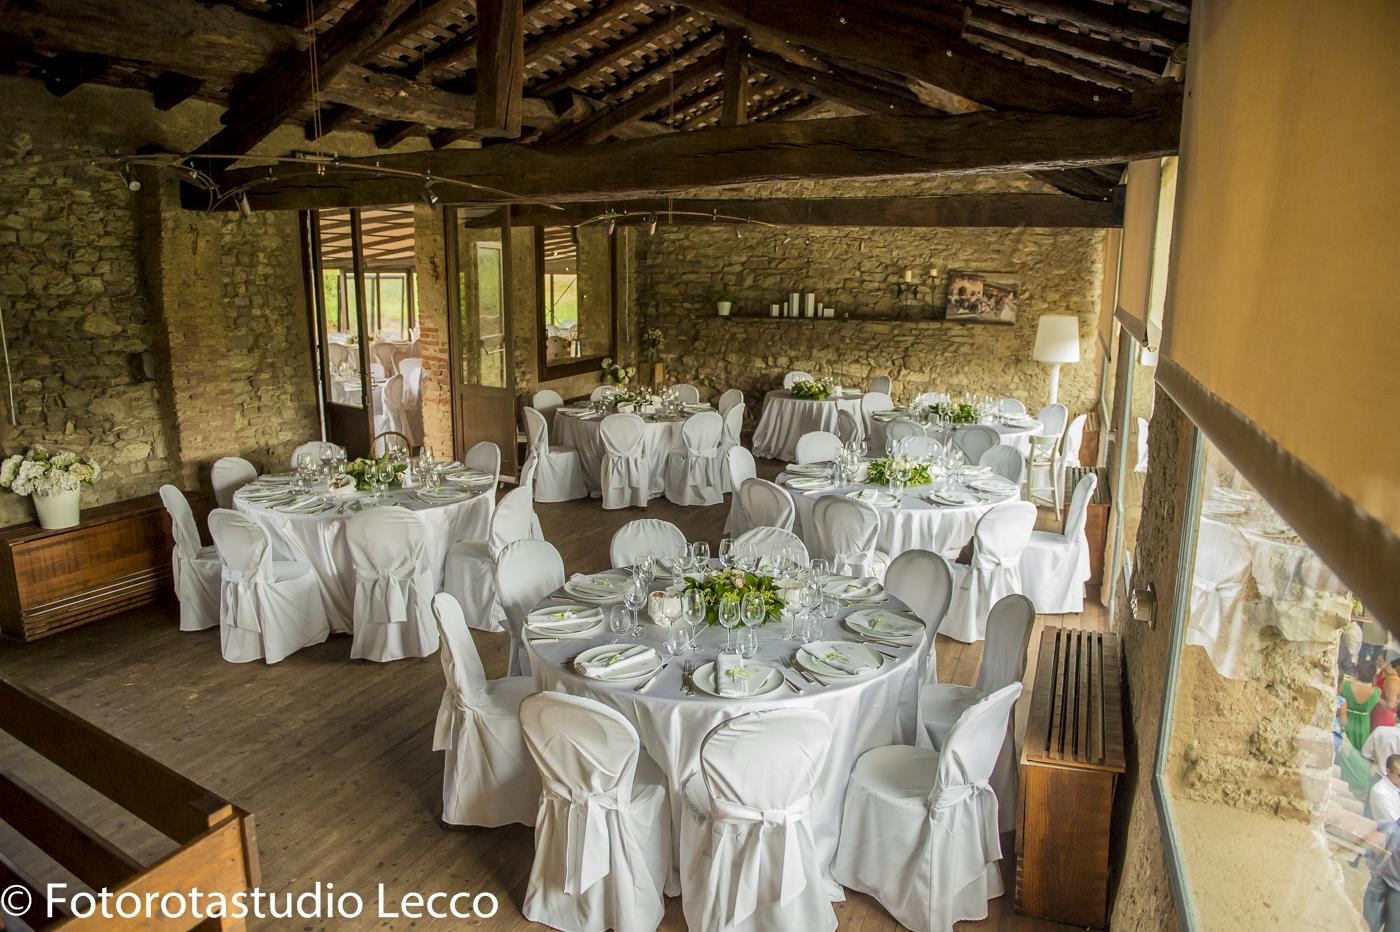 Best Ristorante Terrazze Di Montevecchia Images - Idee Arredamento ...